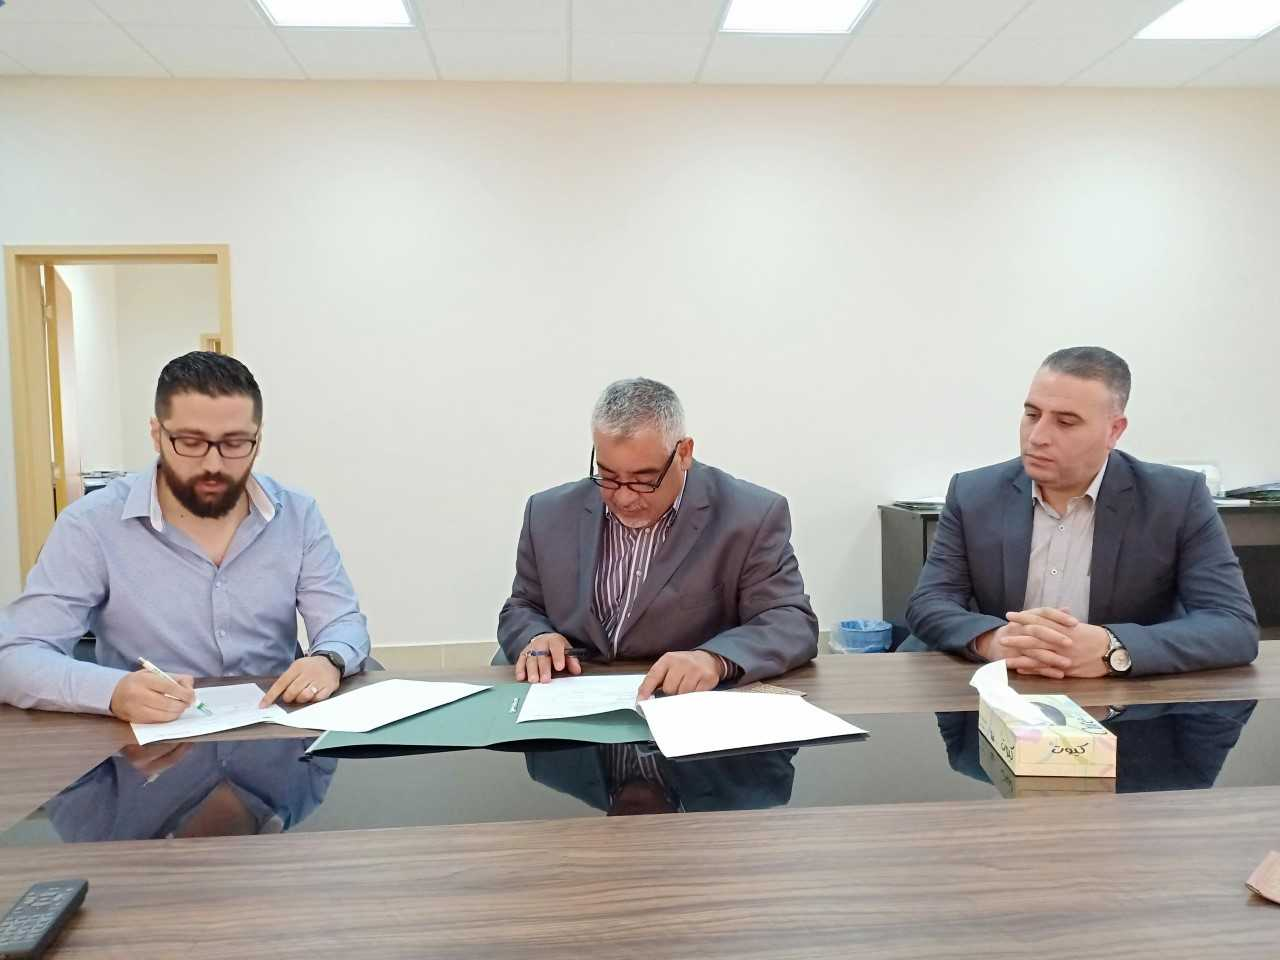 جامعة الزيتونة الأردنية توقع اتفاقية مع شركة تك نوليدج لاستخدام برنامج اكتشاف الاستلال